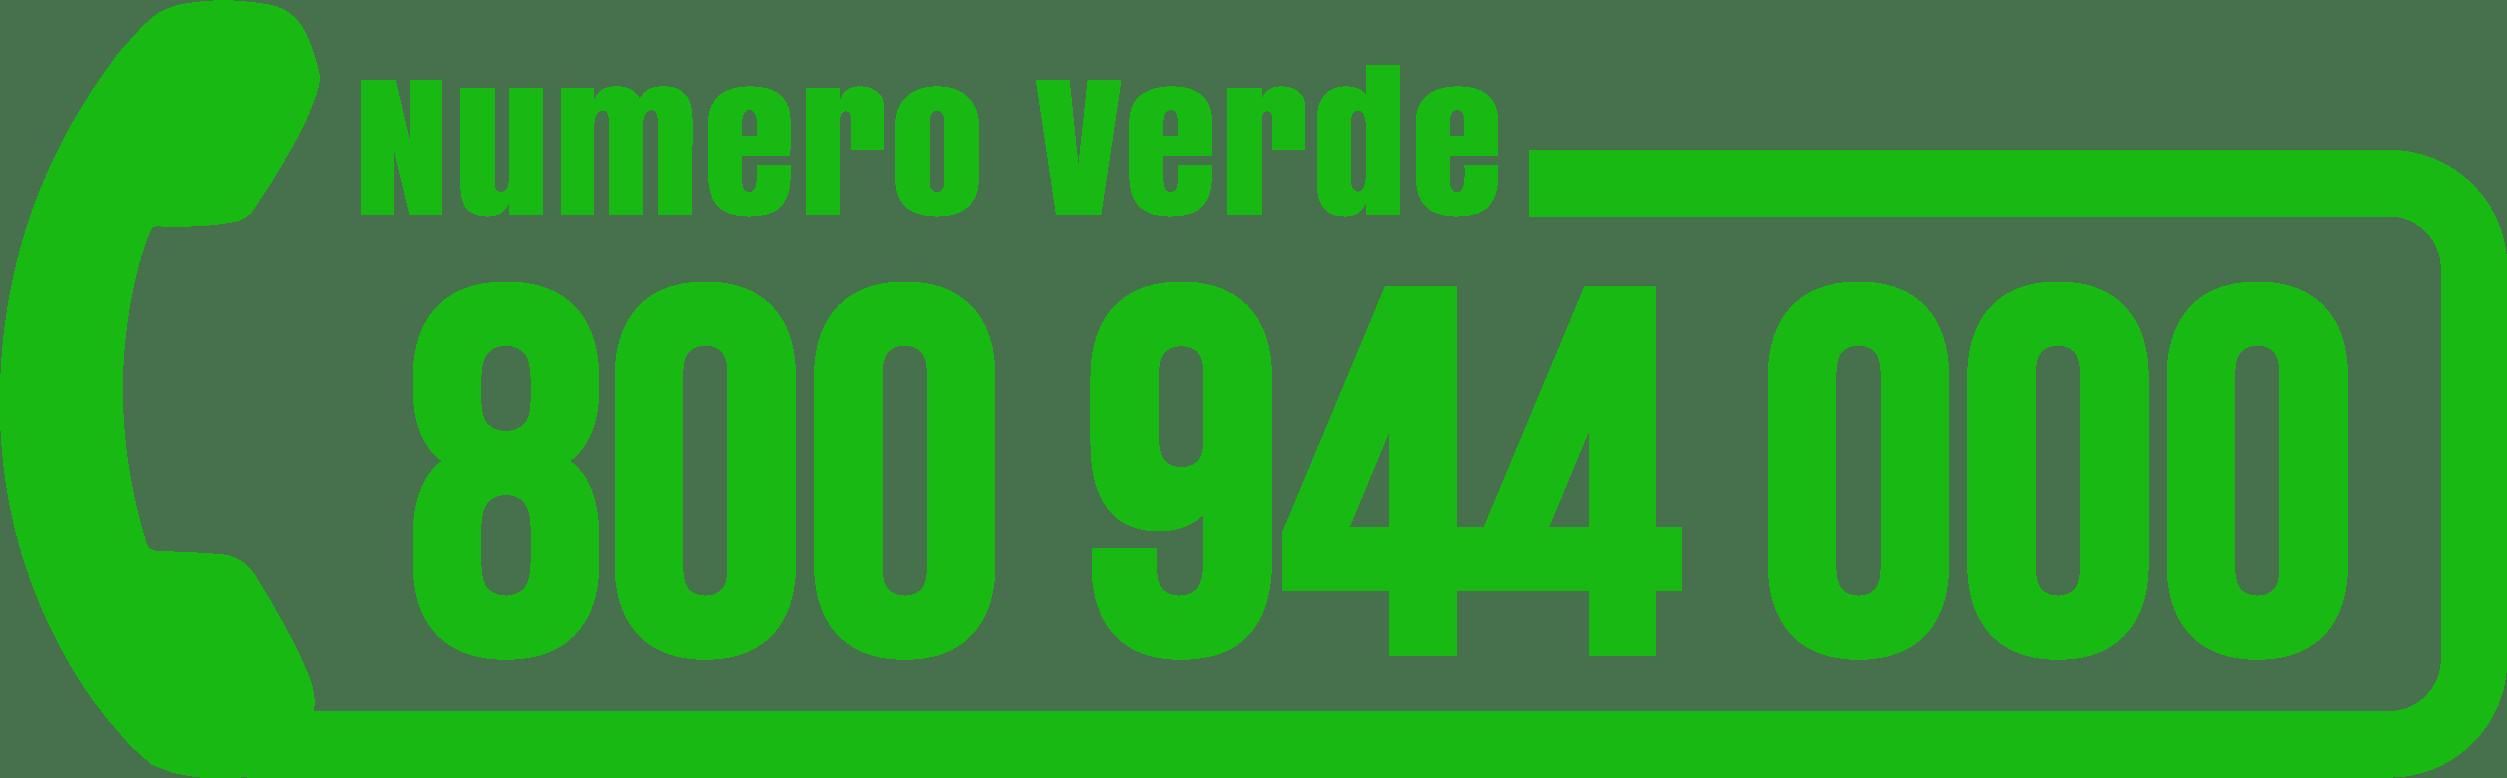 NUMERO VERDE: 800 94 40 00